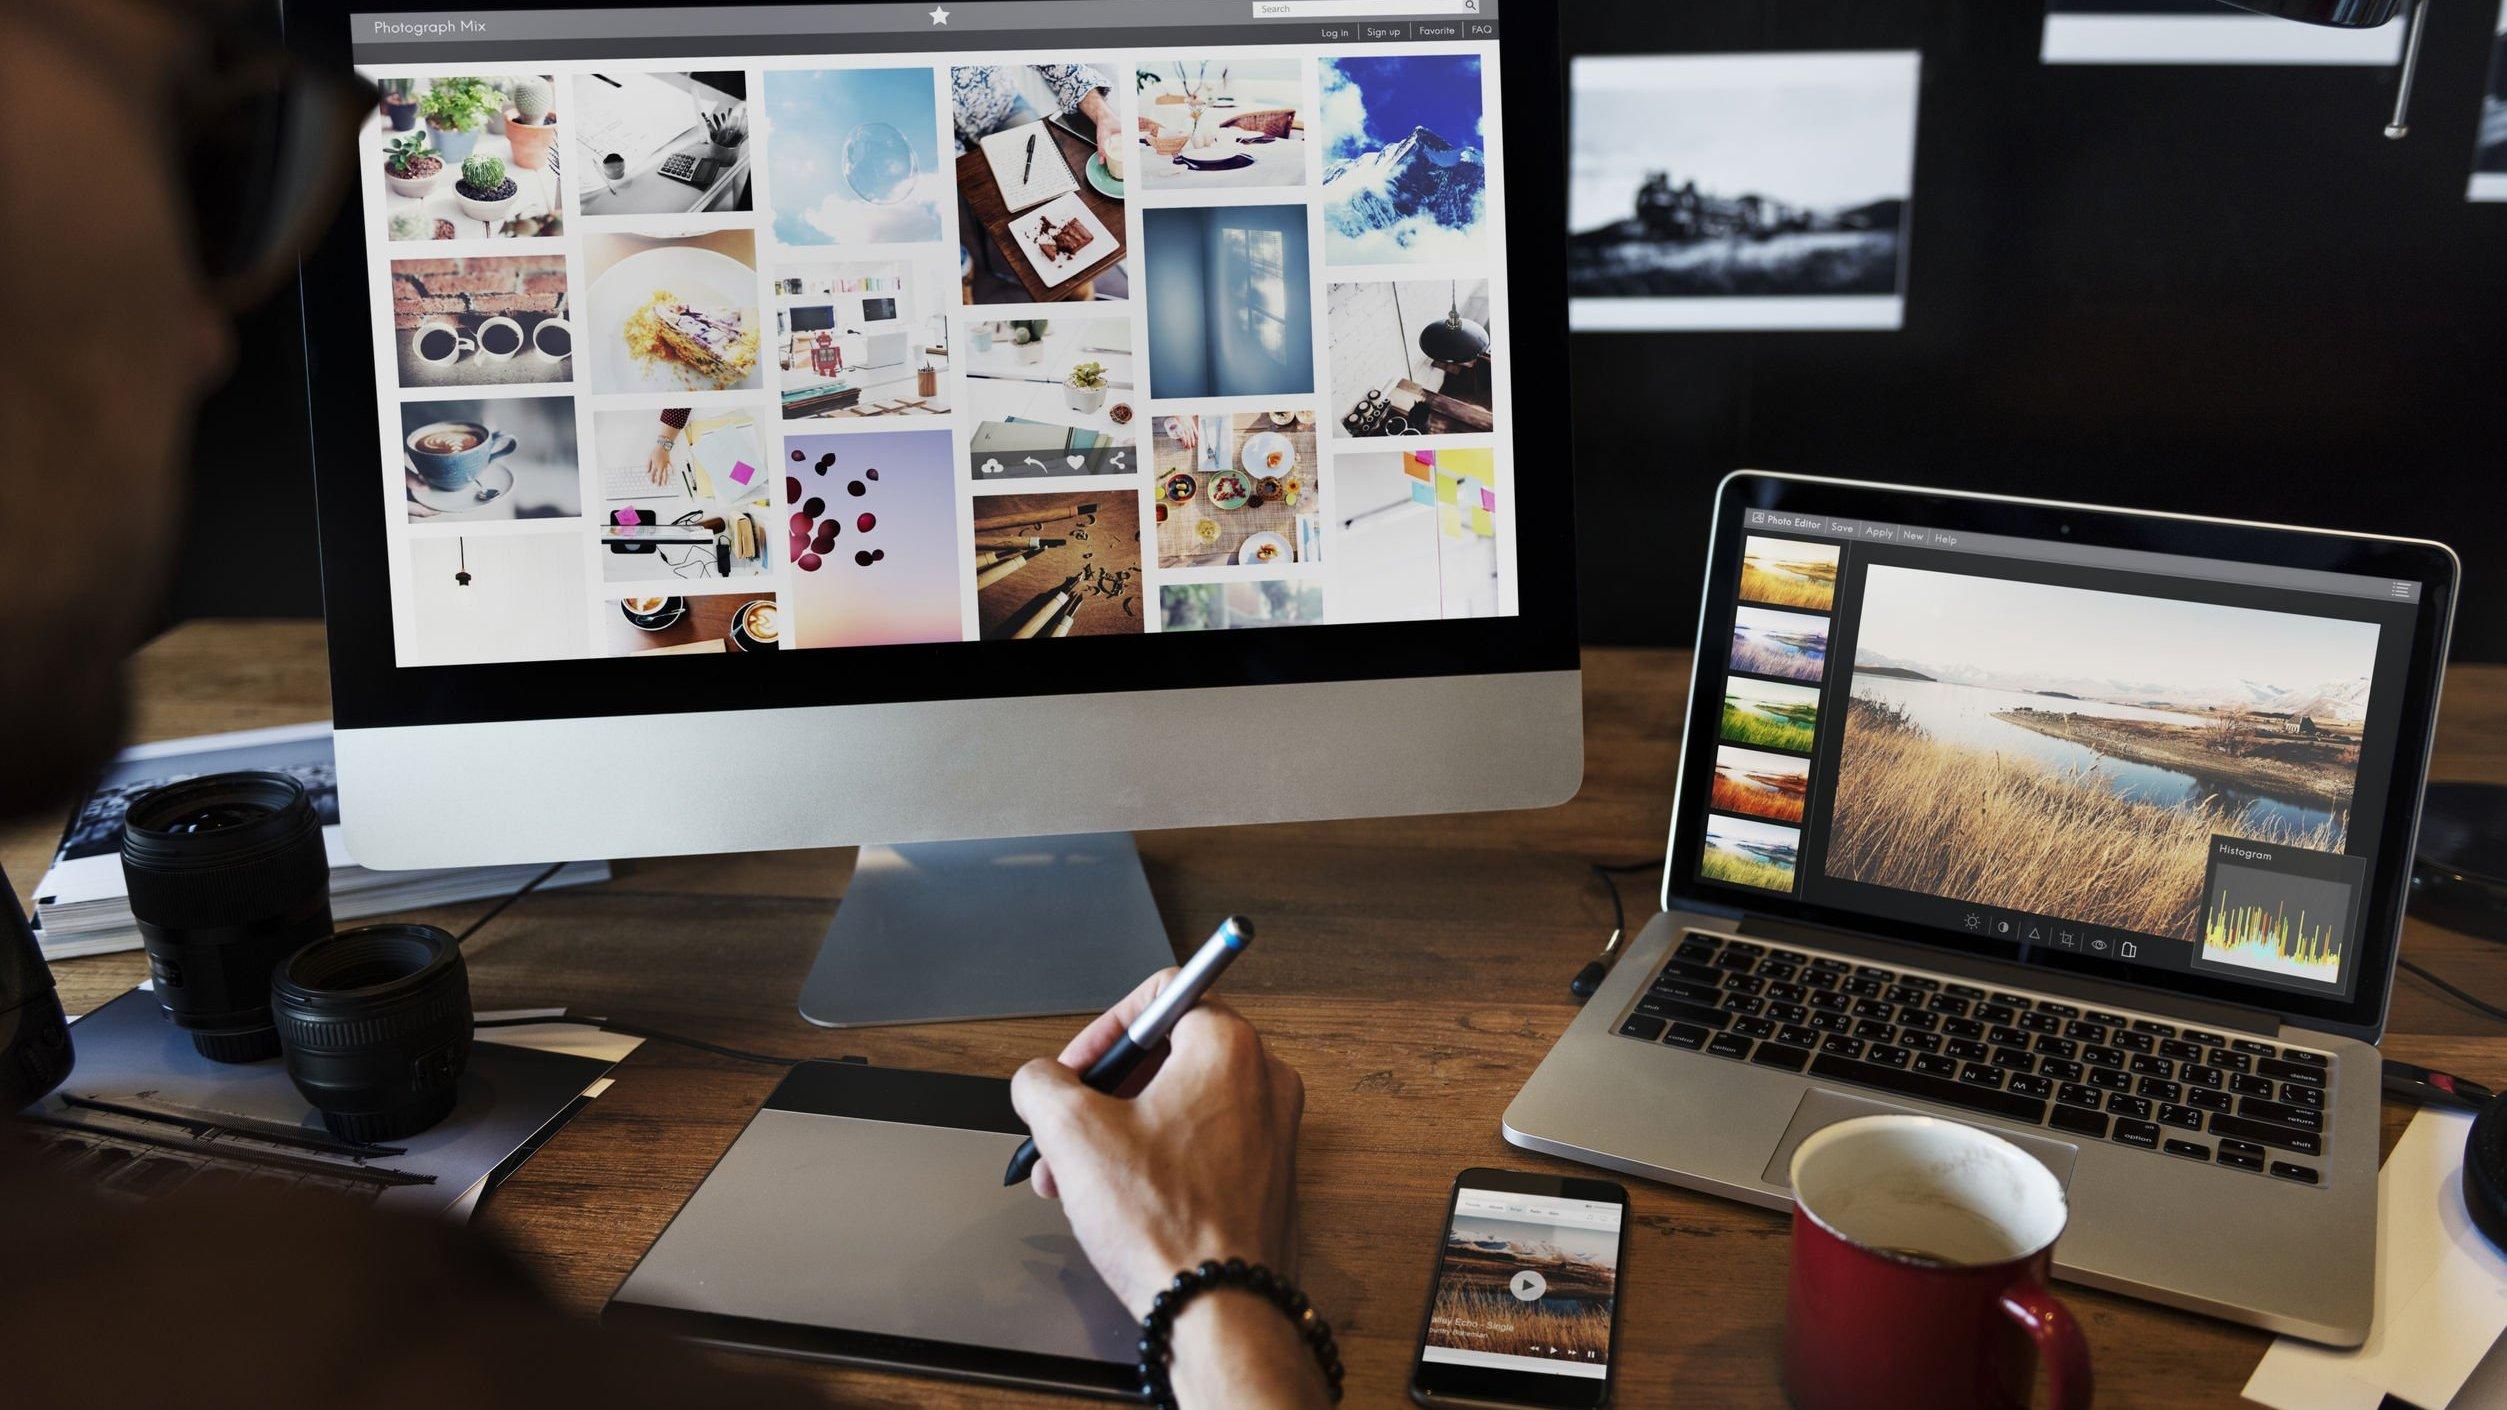 Ilustrador sentado em frente de dois computadores